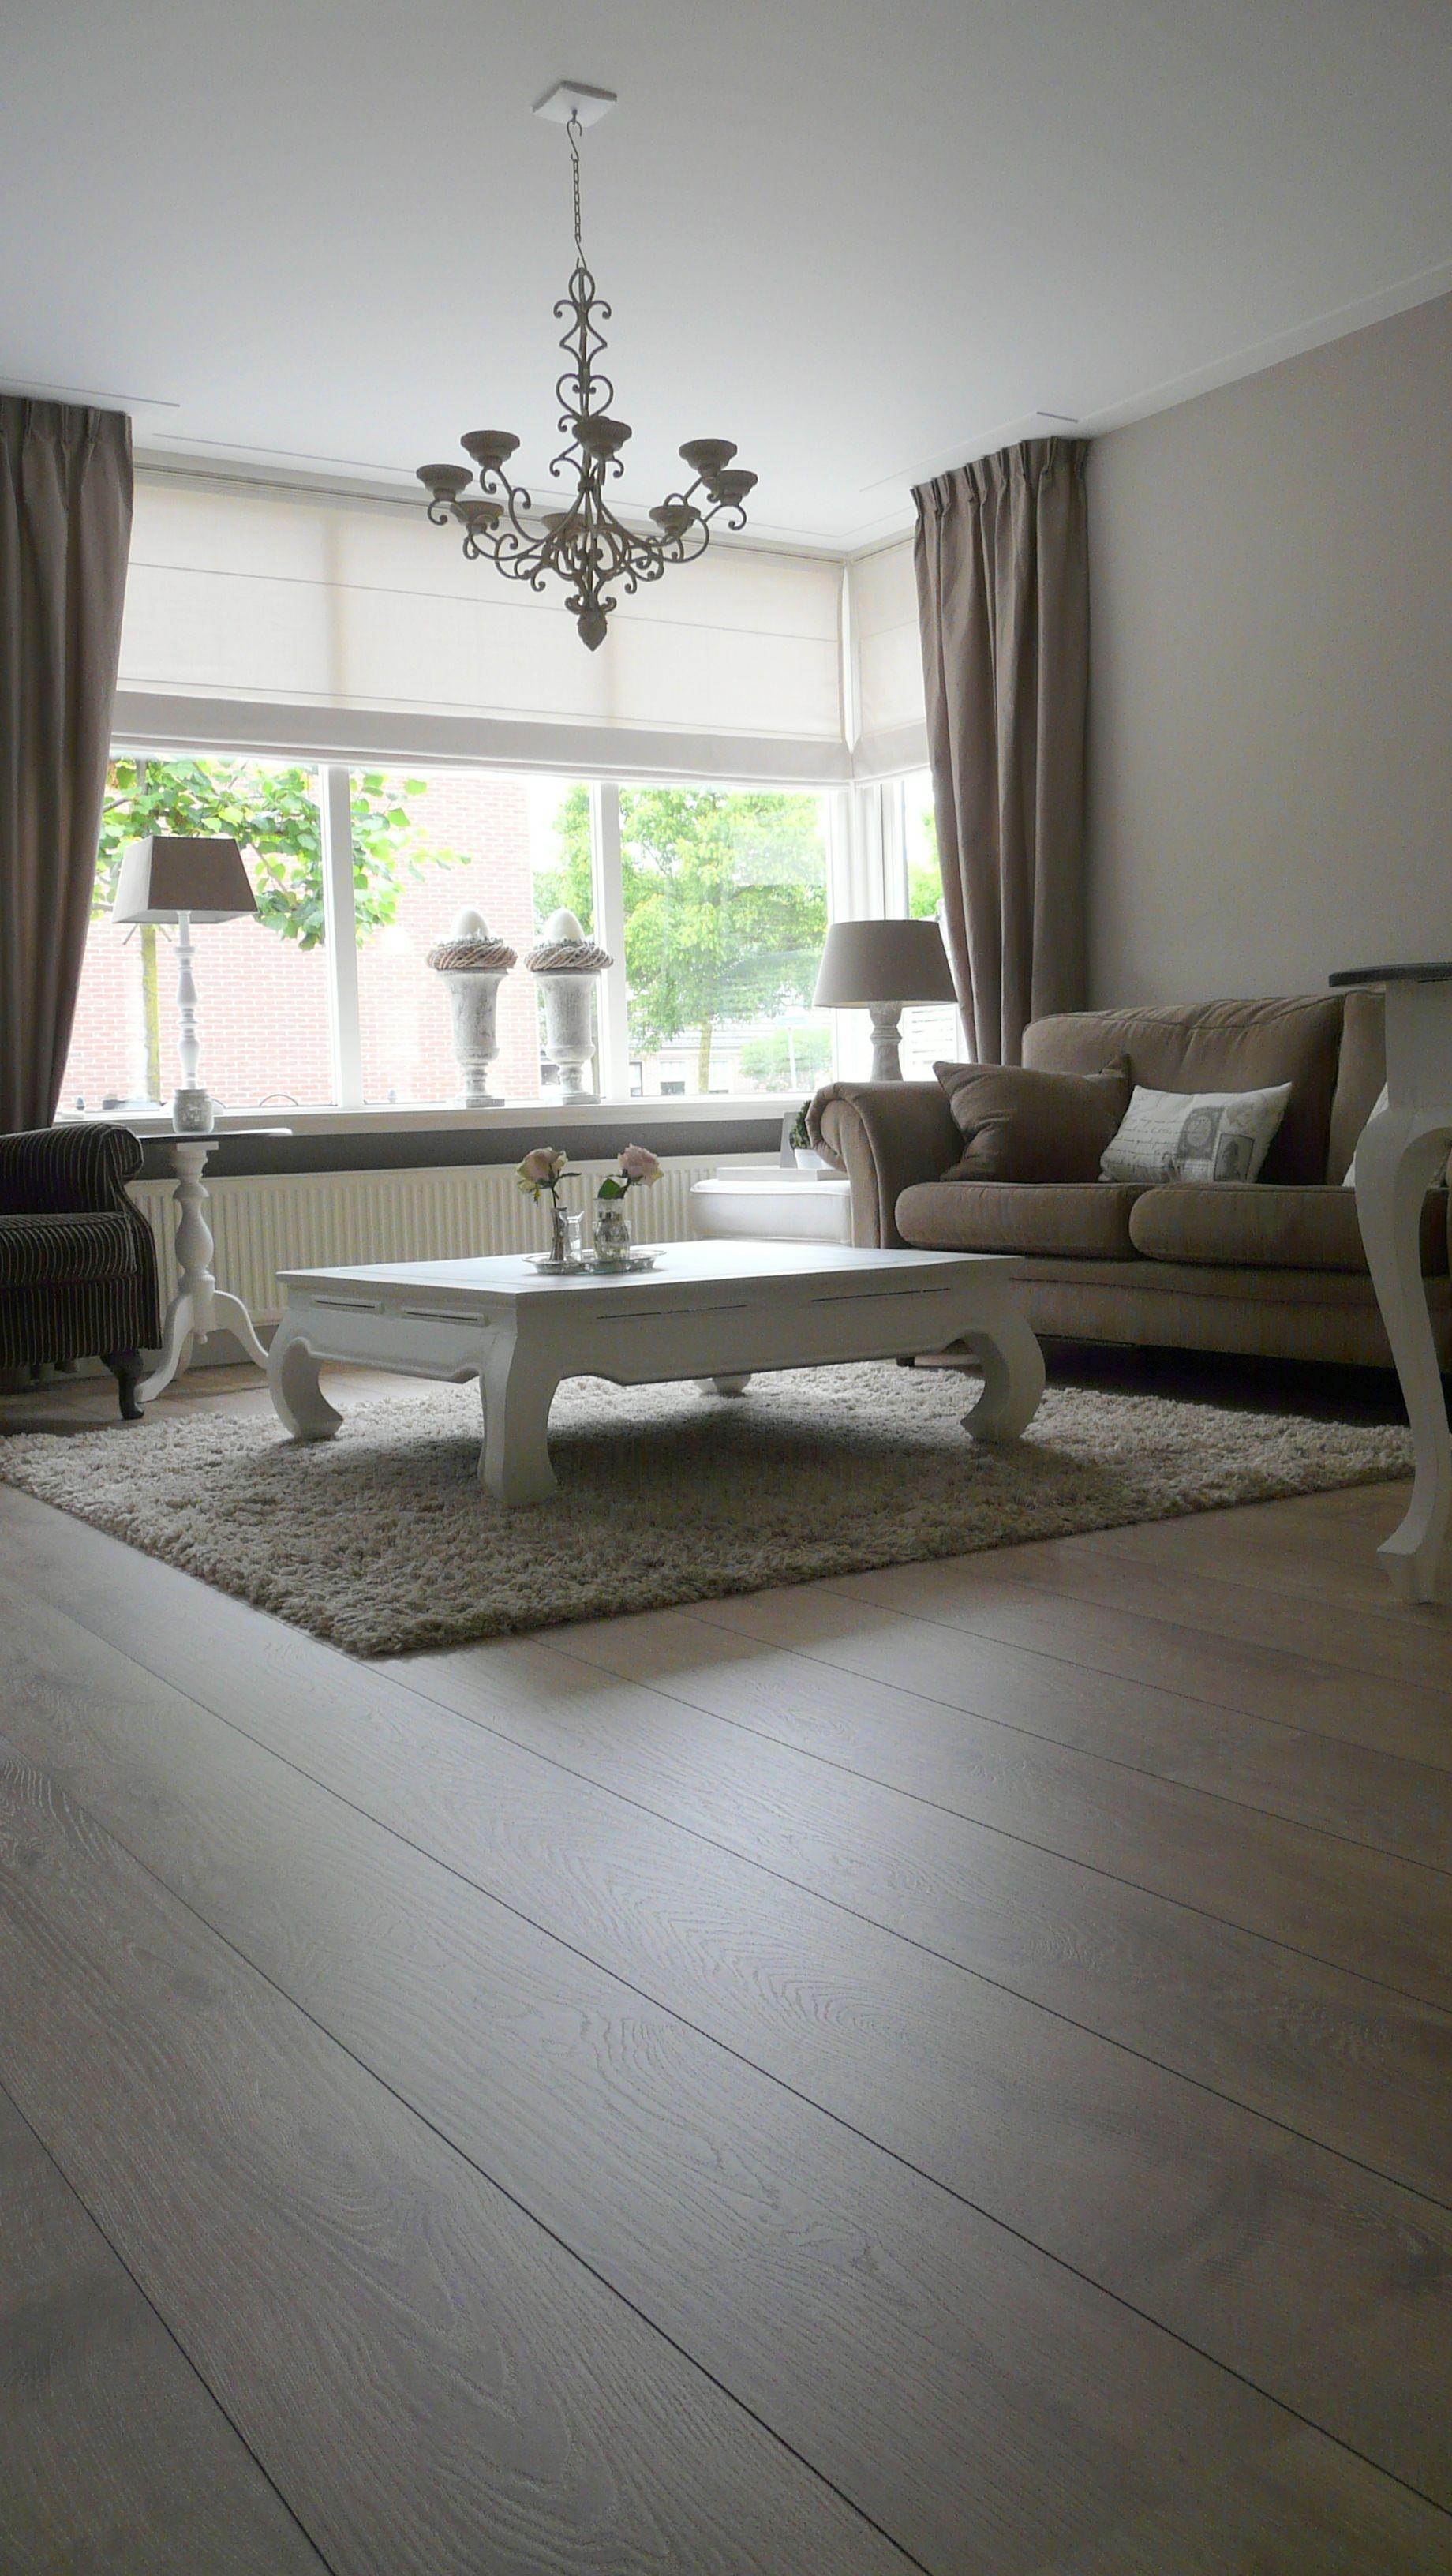 Rustige woonkamer in aardetinten. | Woonkamer | Pinterest - Louvre ...